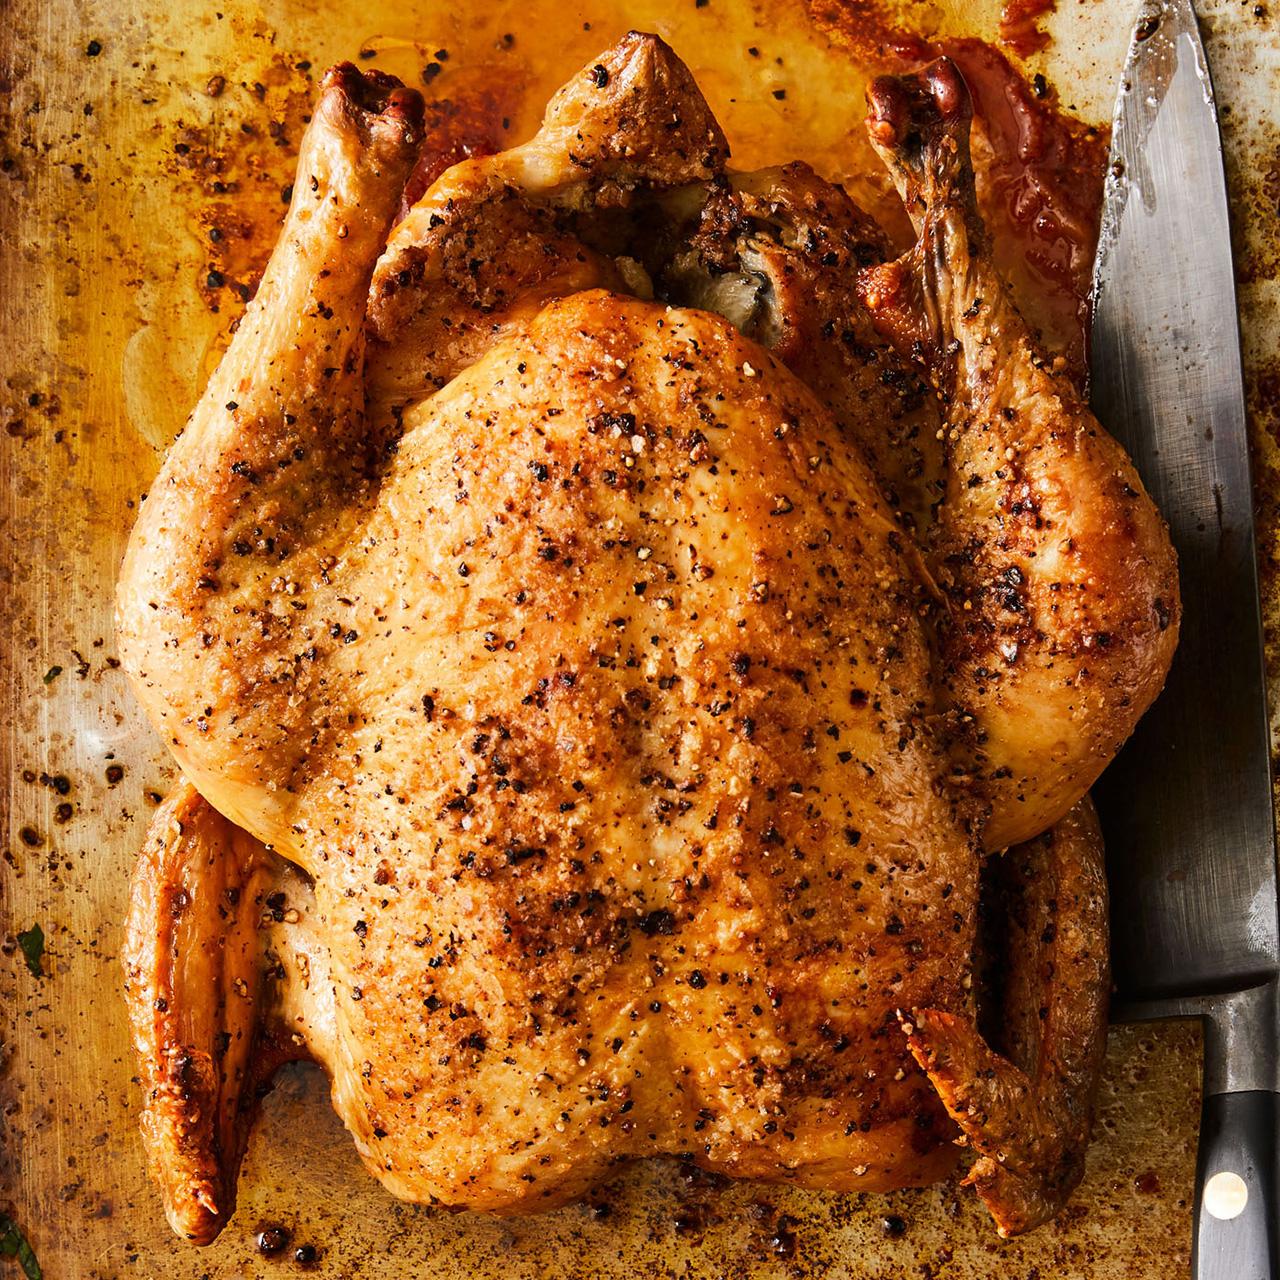 Salt & Pepper Roast Chicken with Lemon Sauce